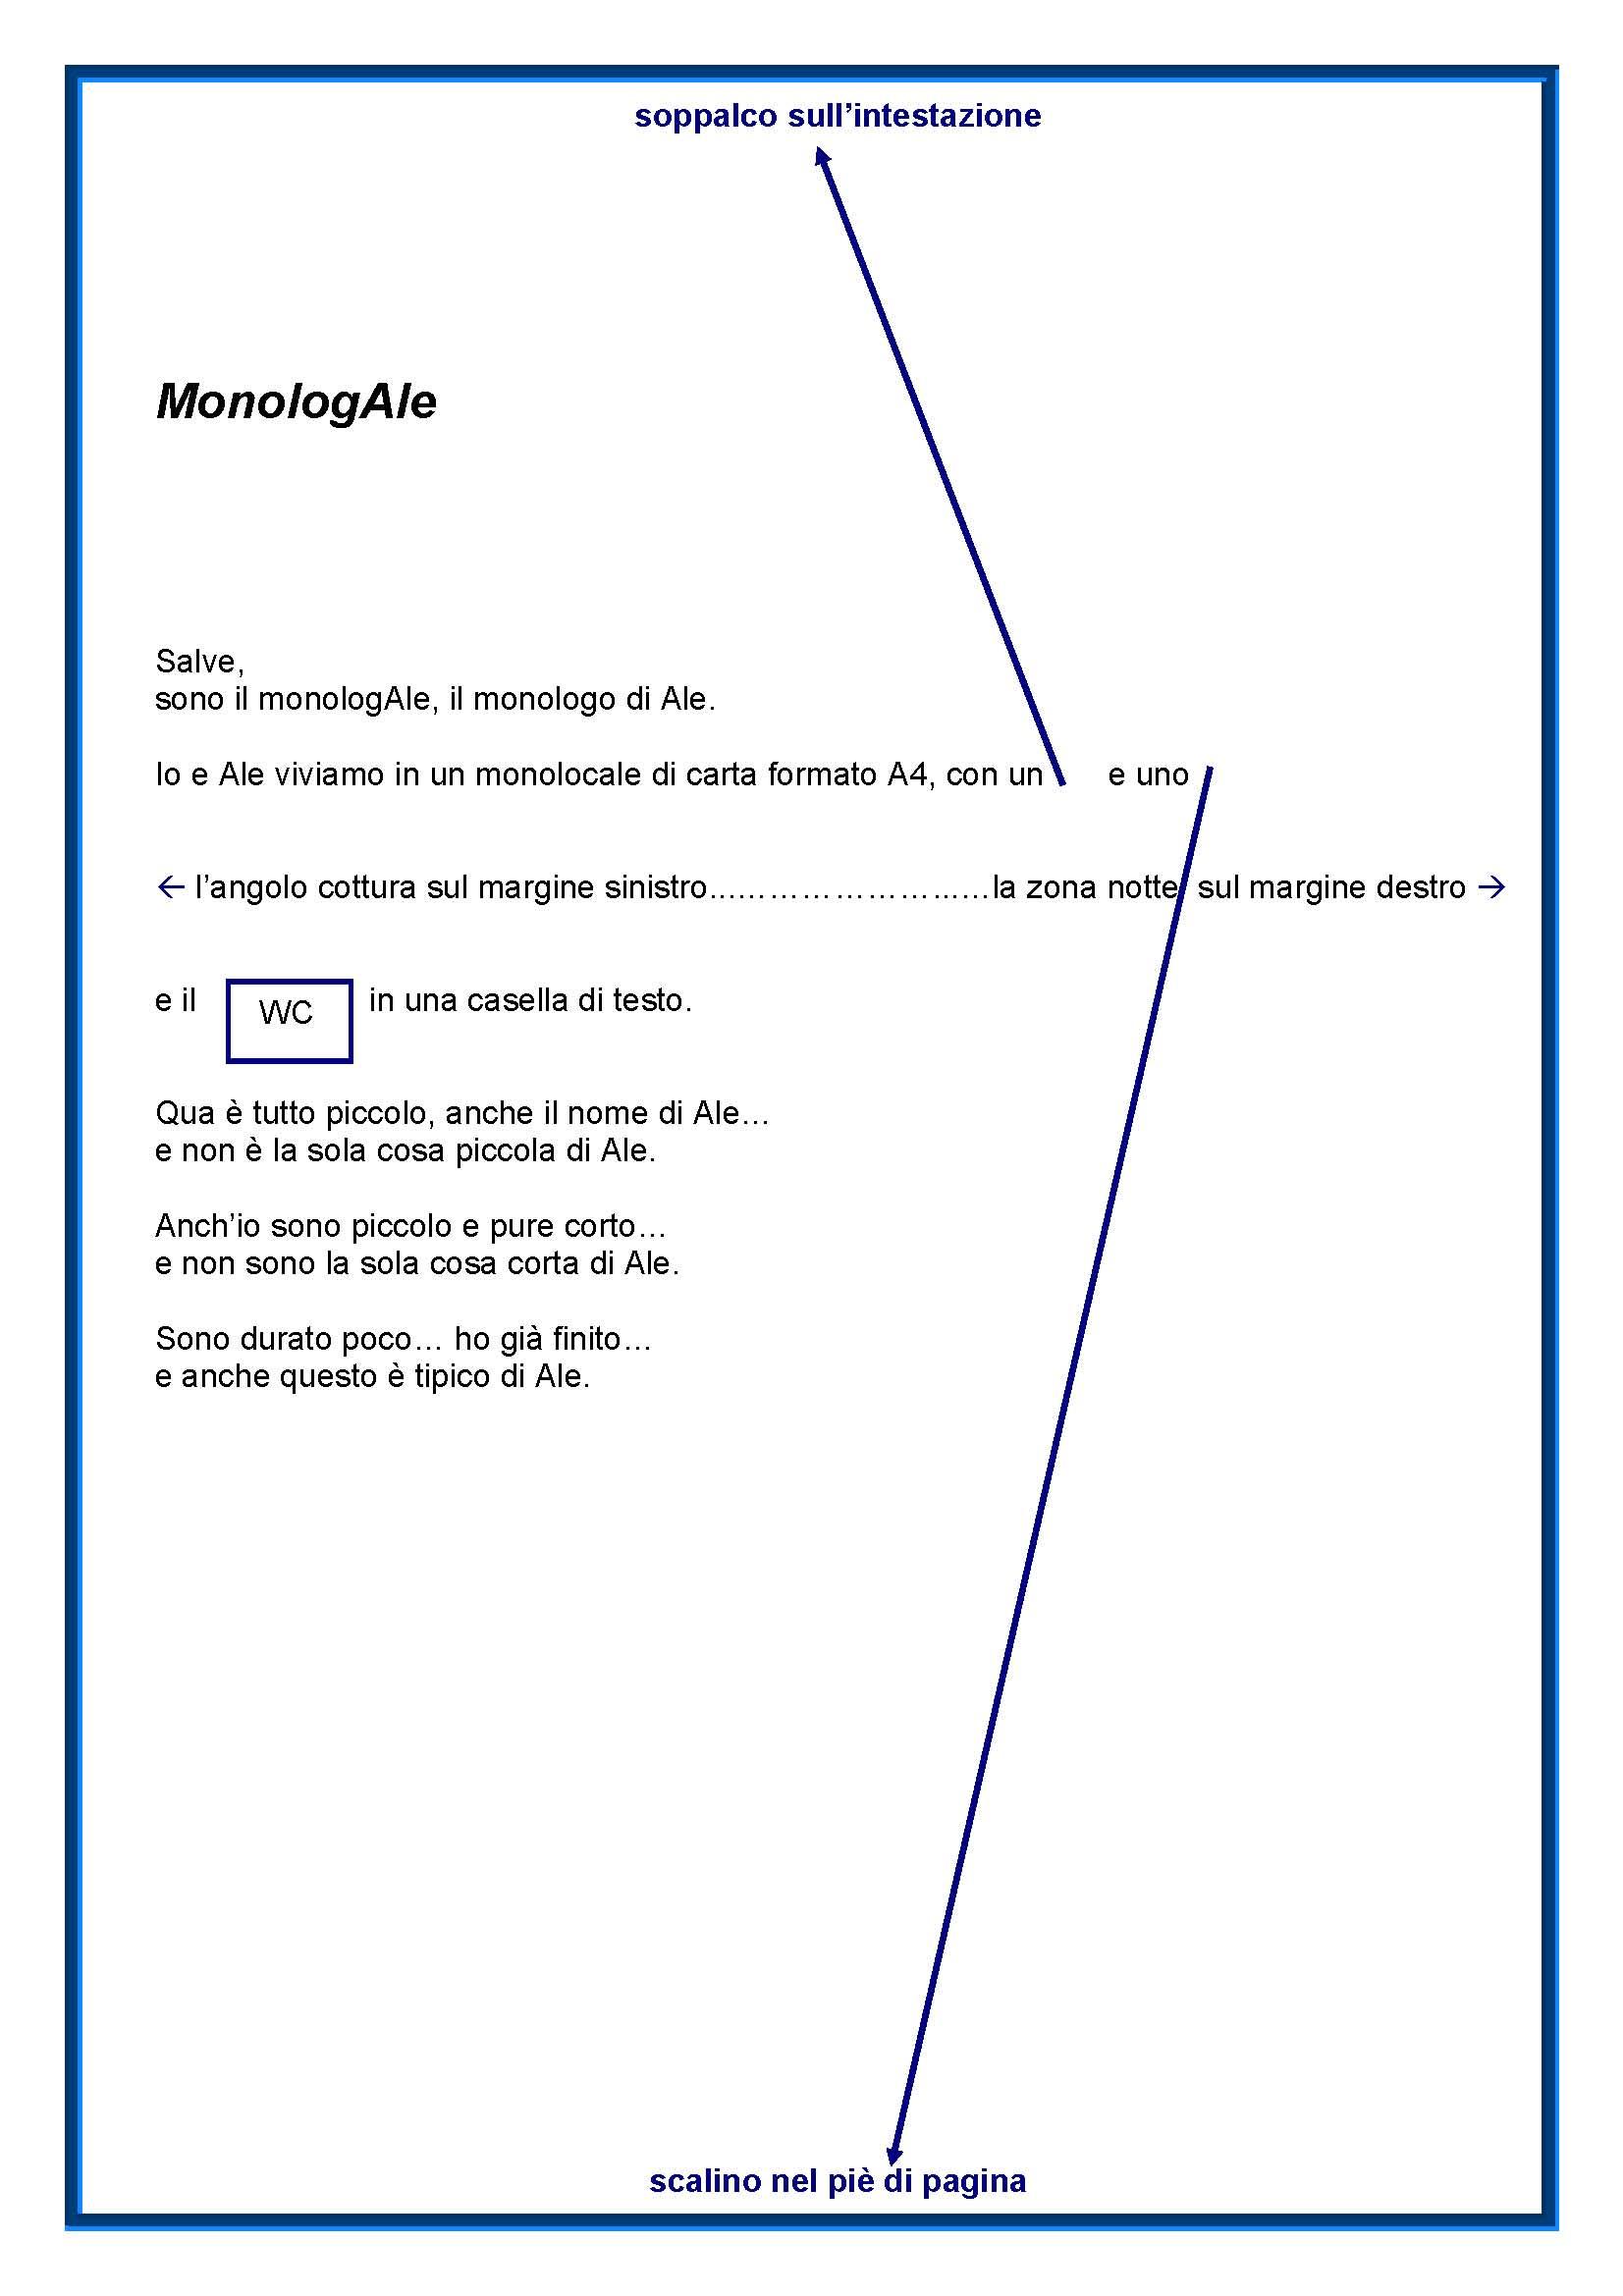 1-MonologALE immagine